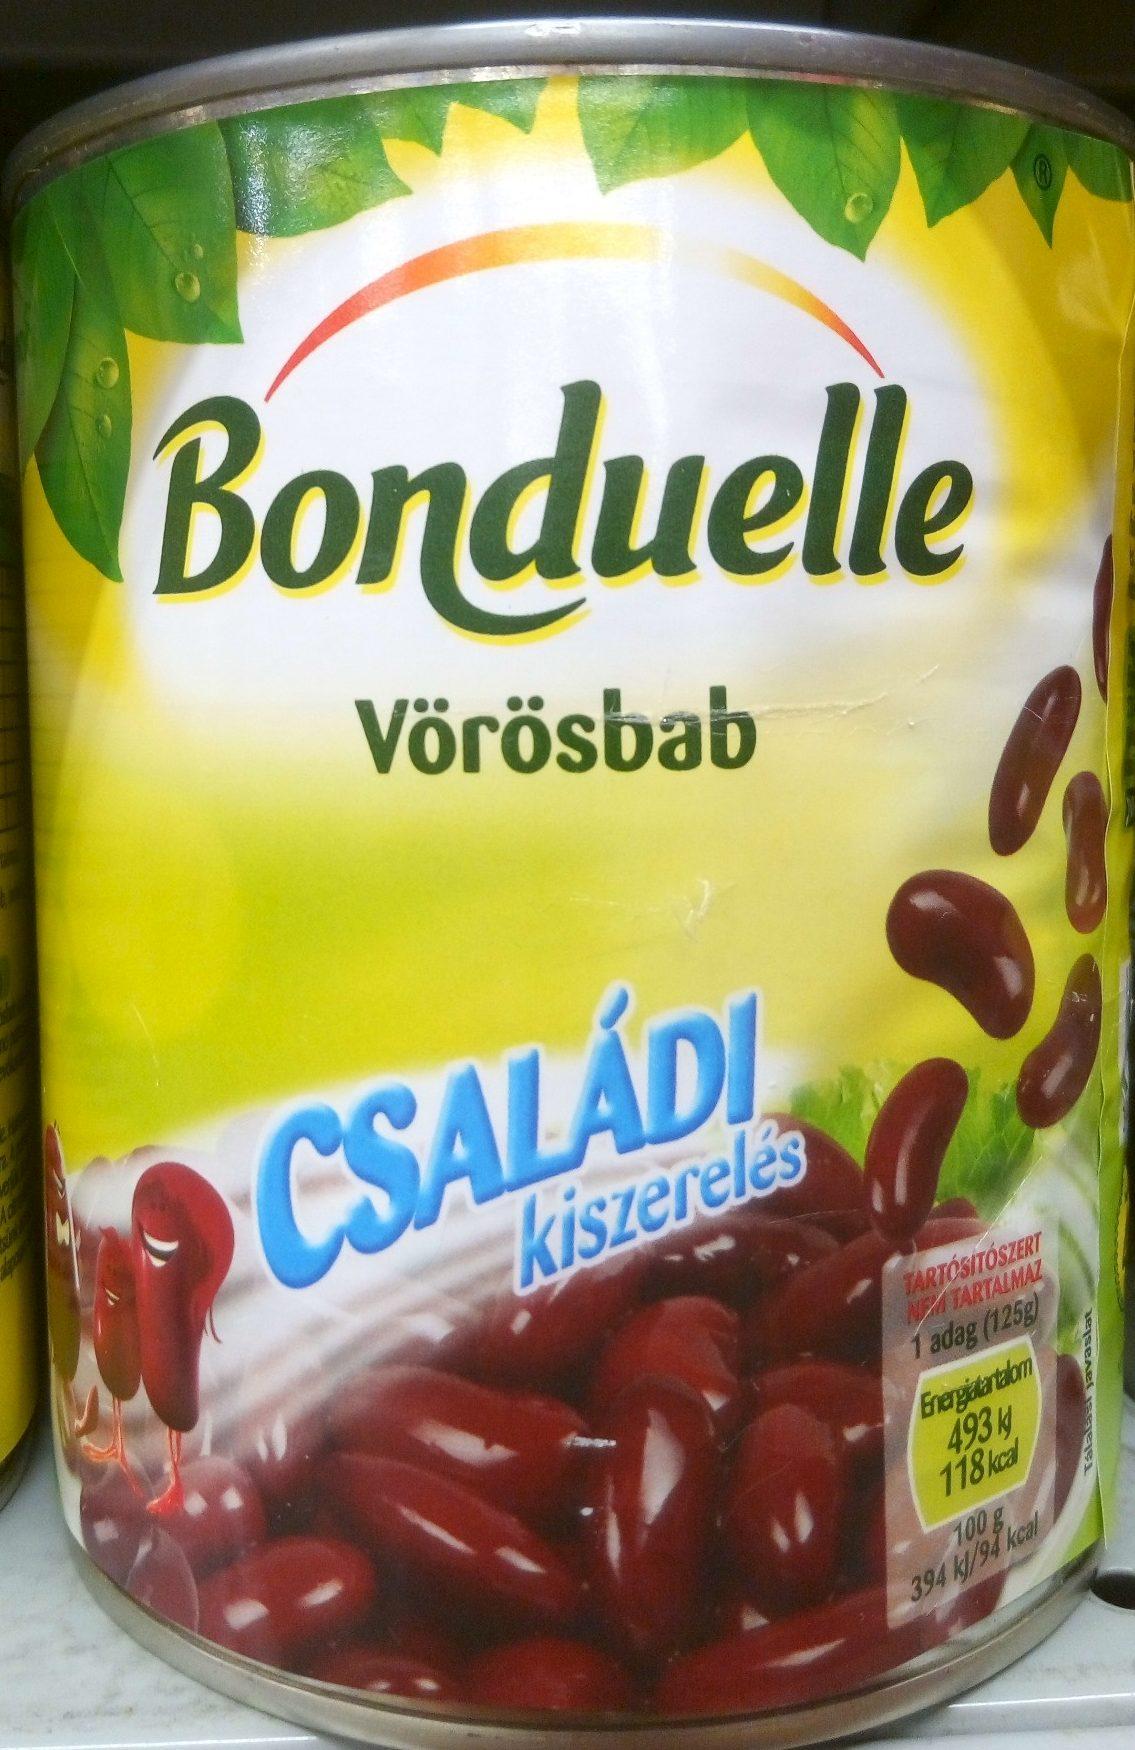 Vörösbab Családi kiszerelés - Produit - hu